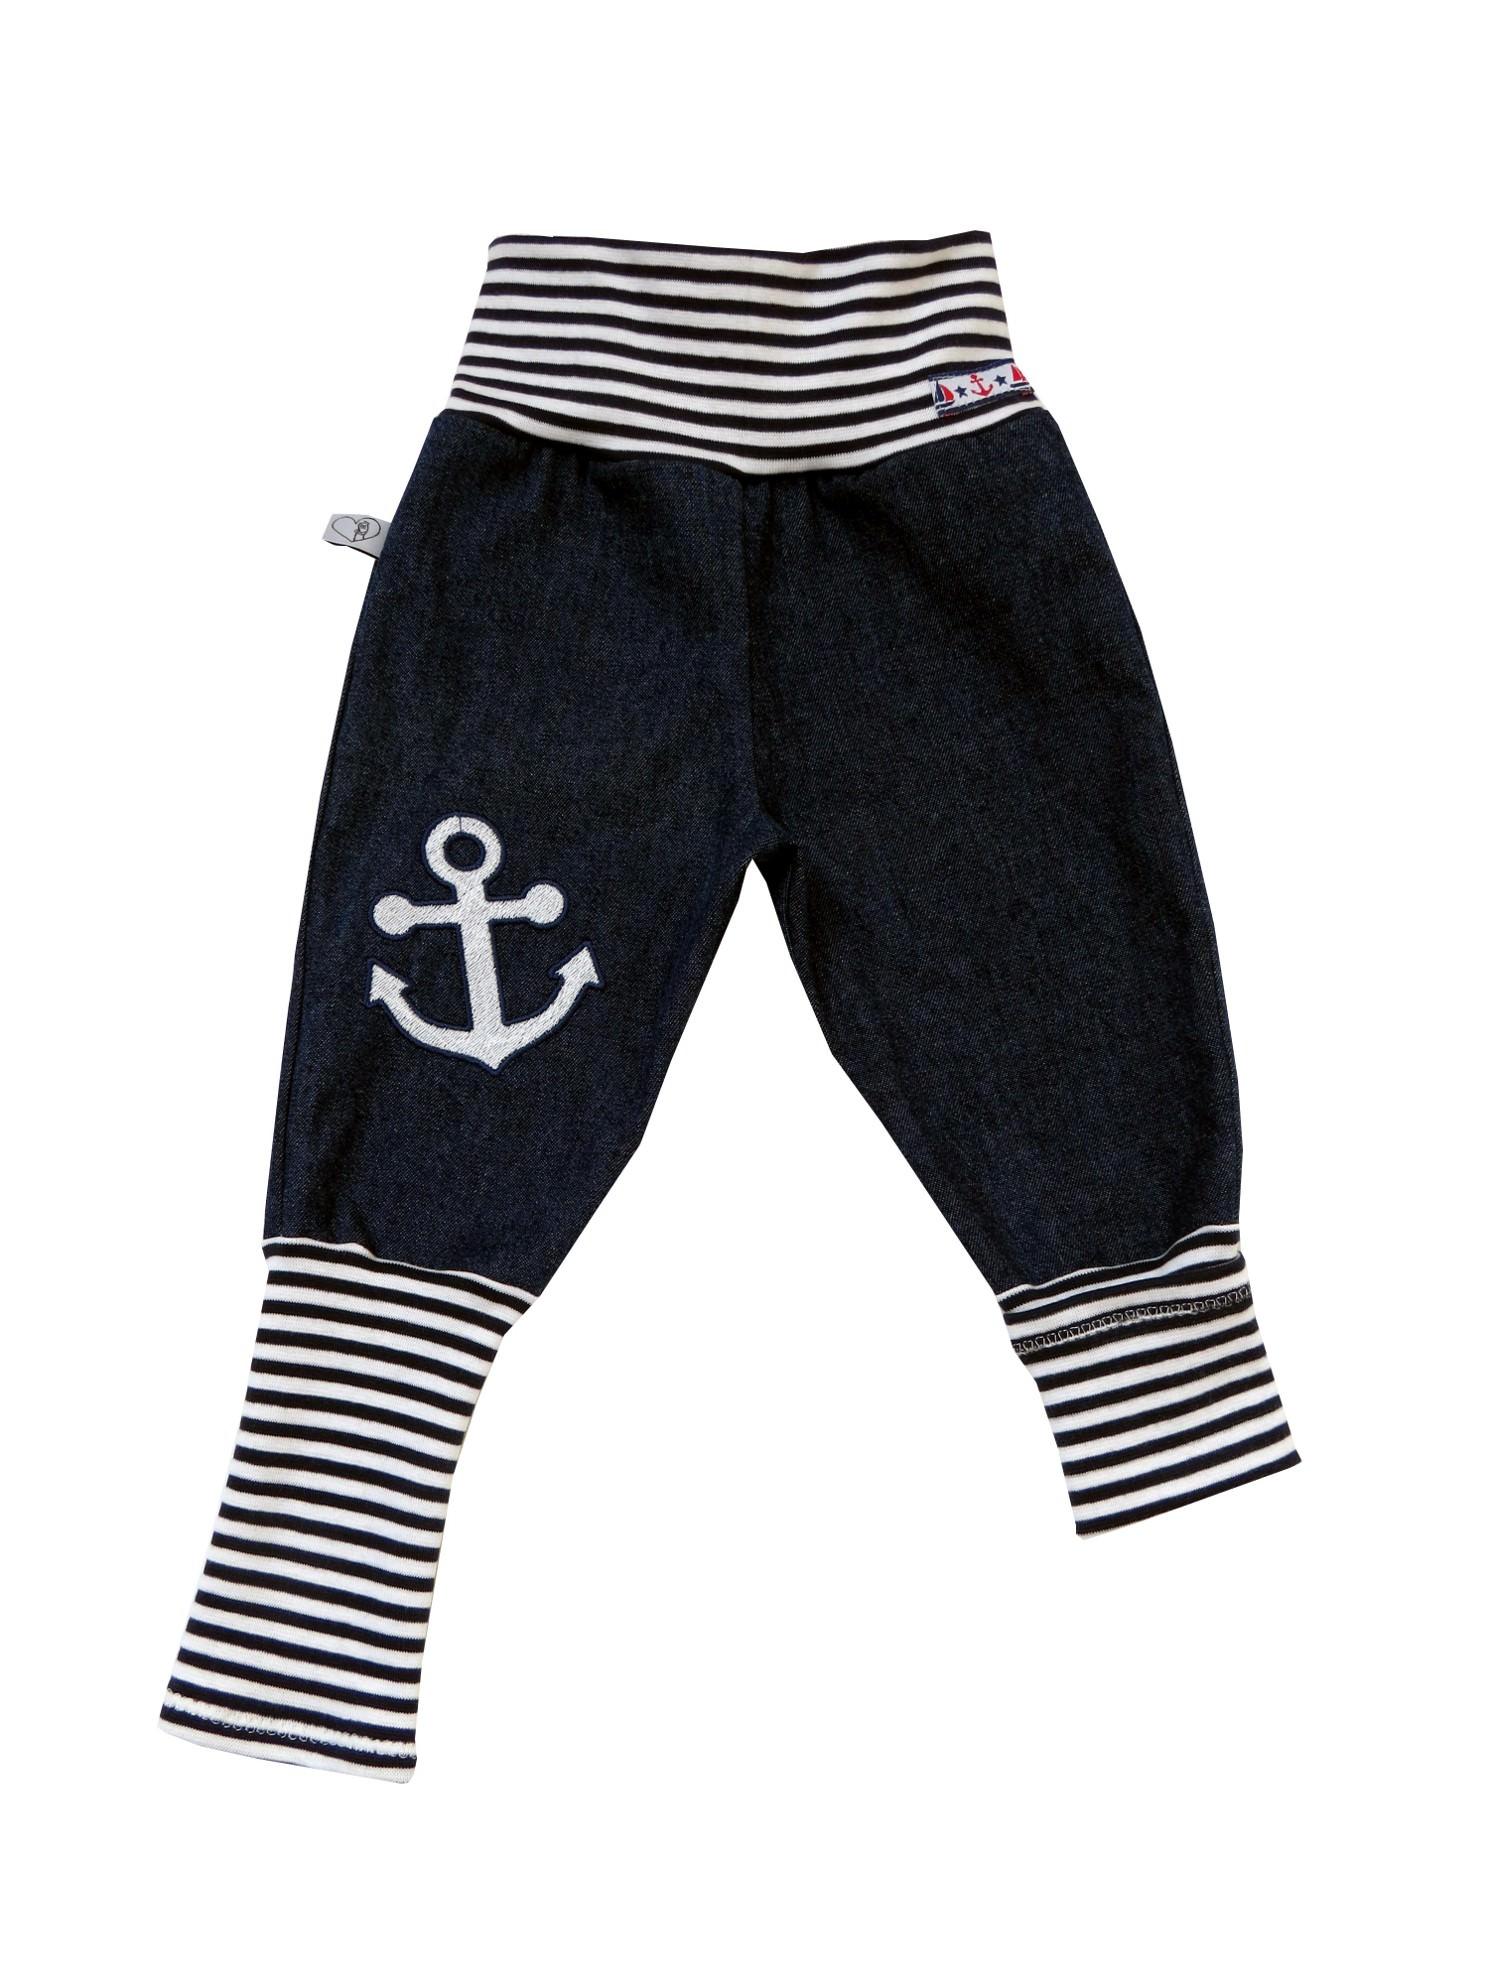 Kleinesbild - Jeans Mitwachshose Anker Babyhose Hose Pumphose